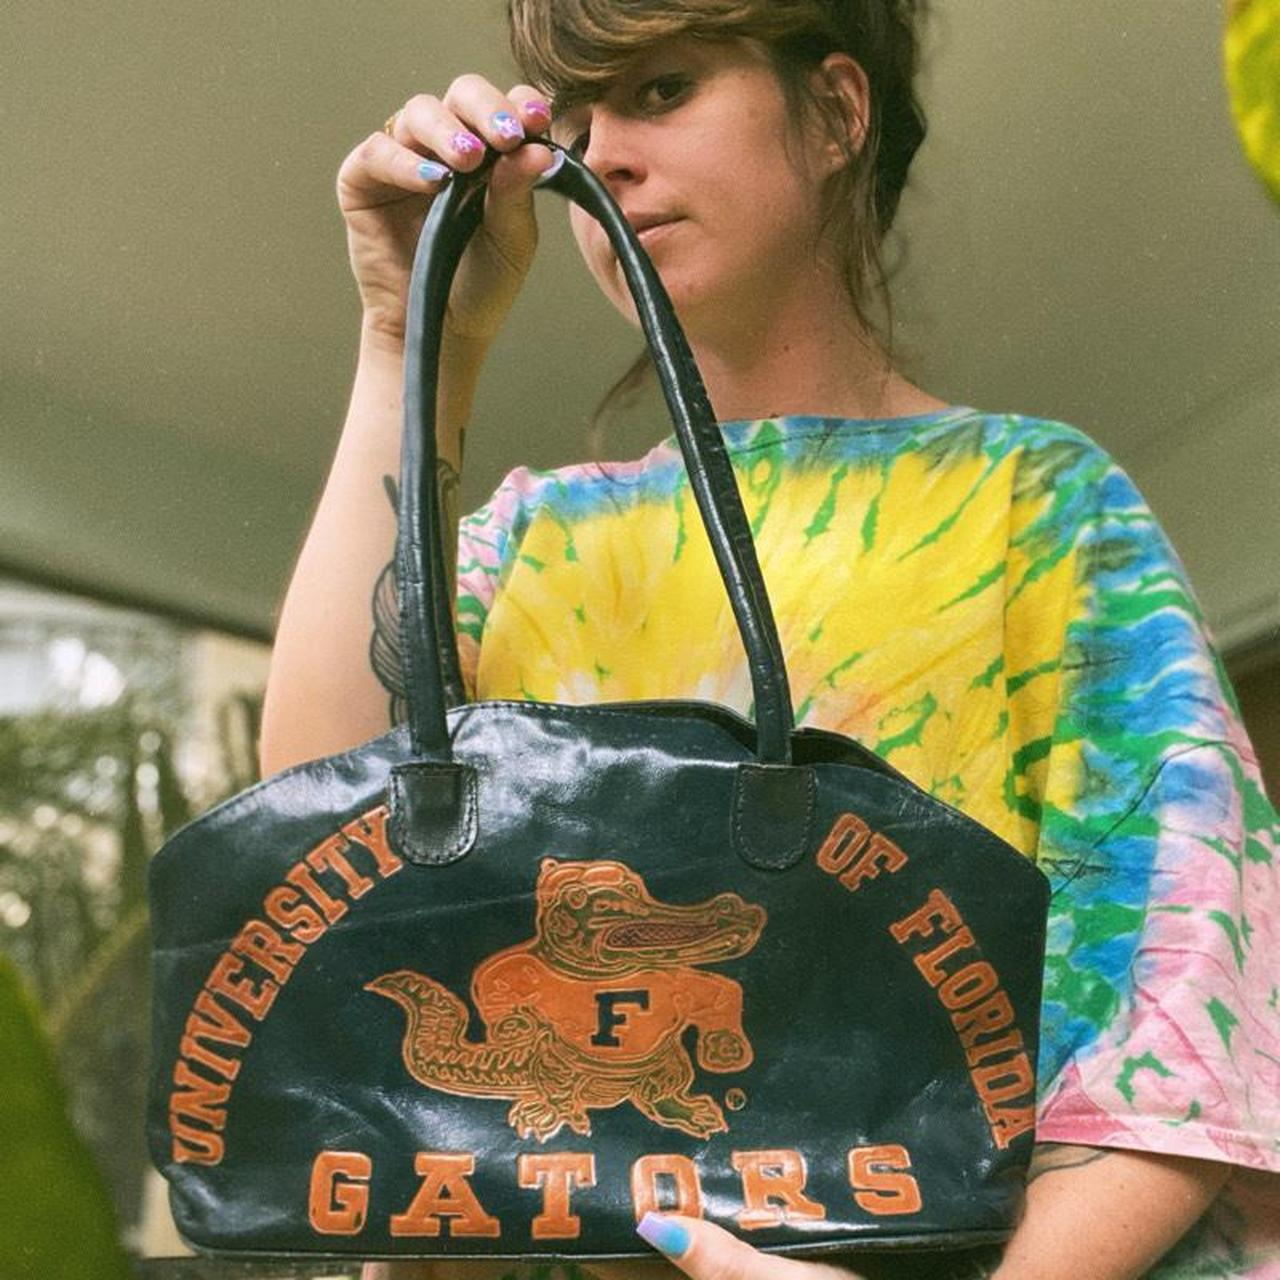 Product Image 1 - university of Florida gators vintage